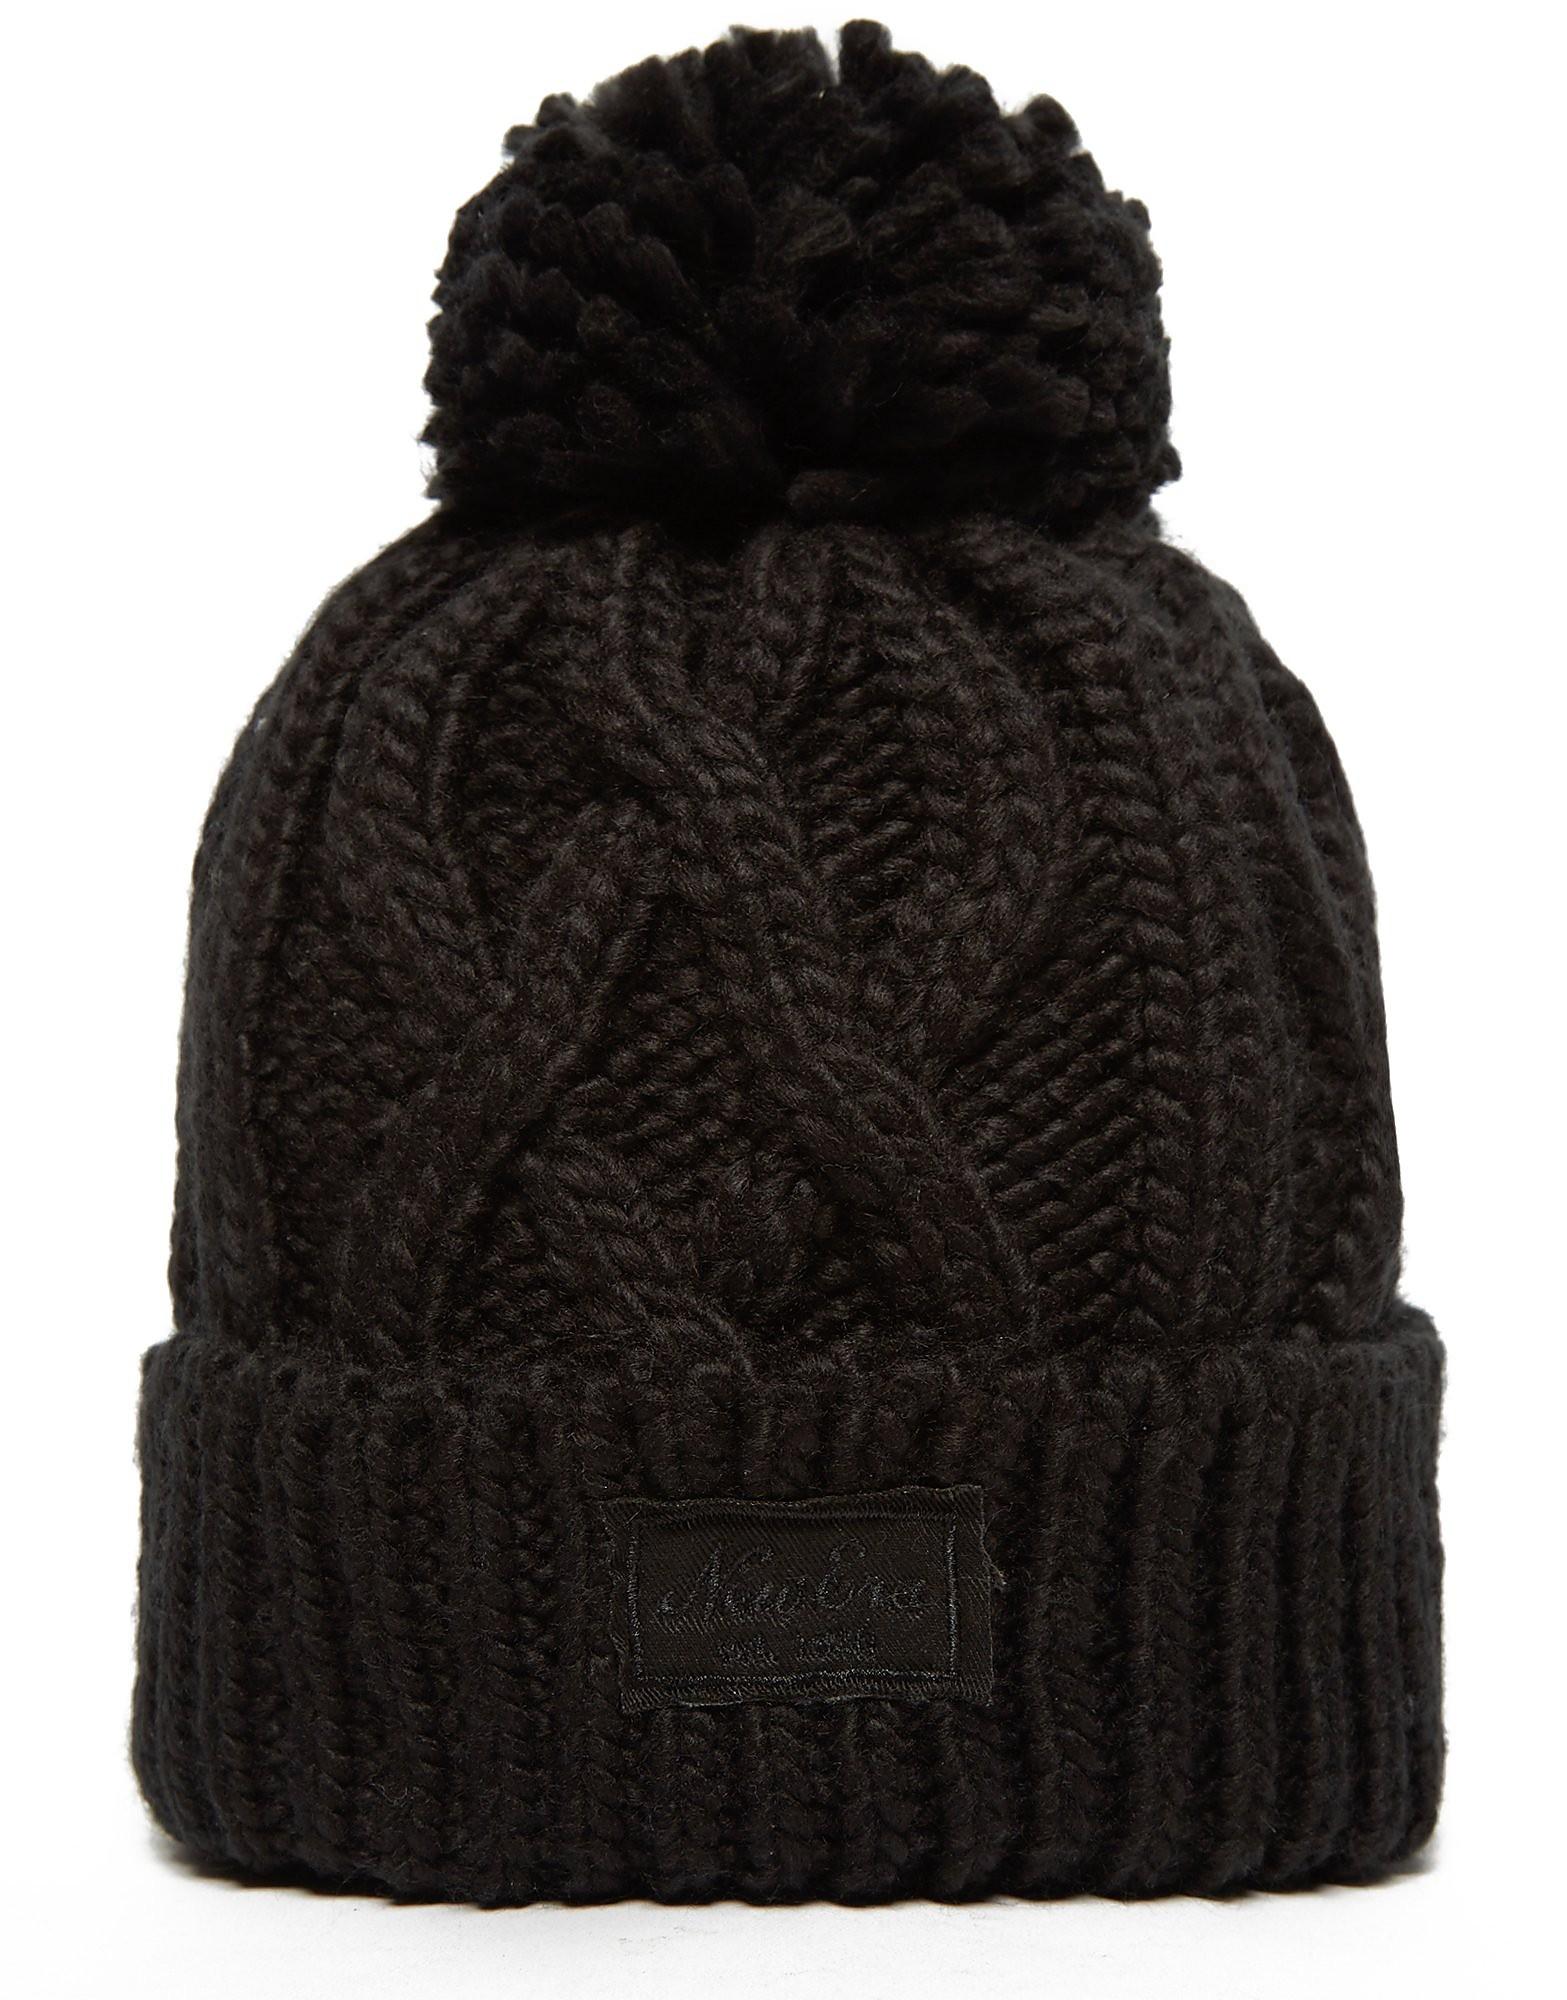 New Era Patch Pom Pom Beanie Hat